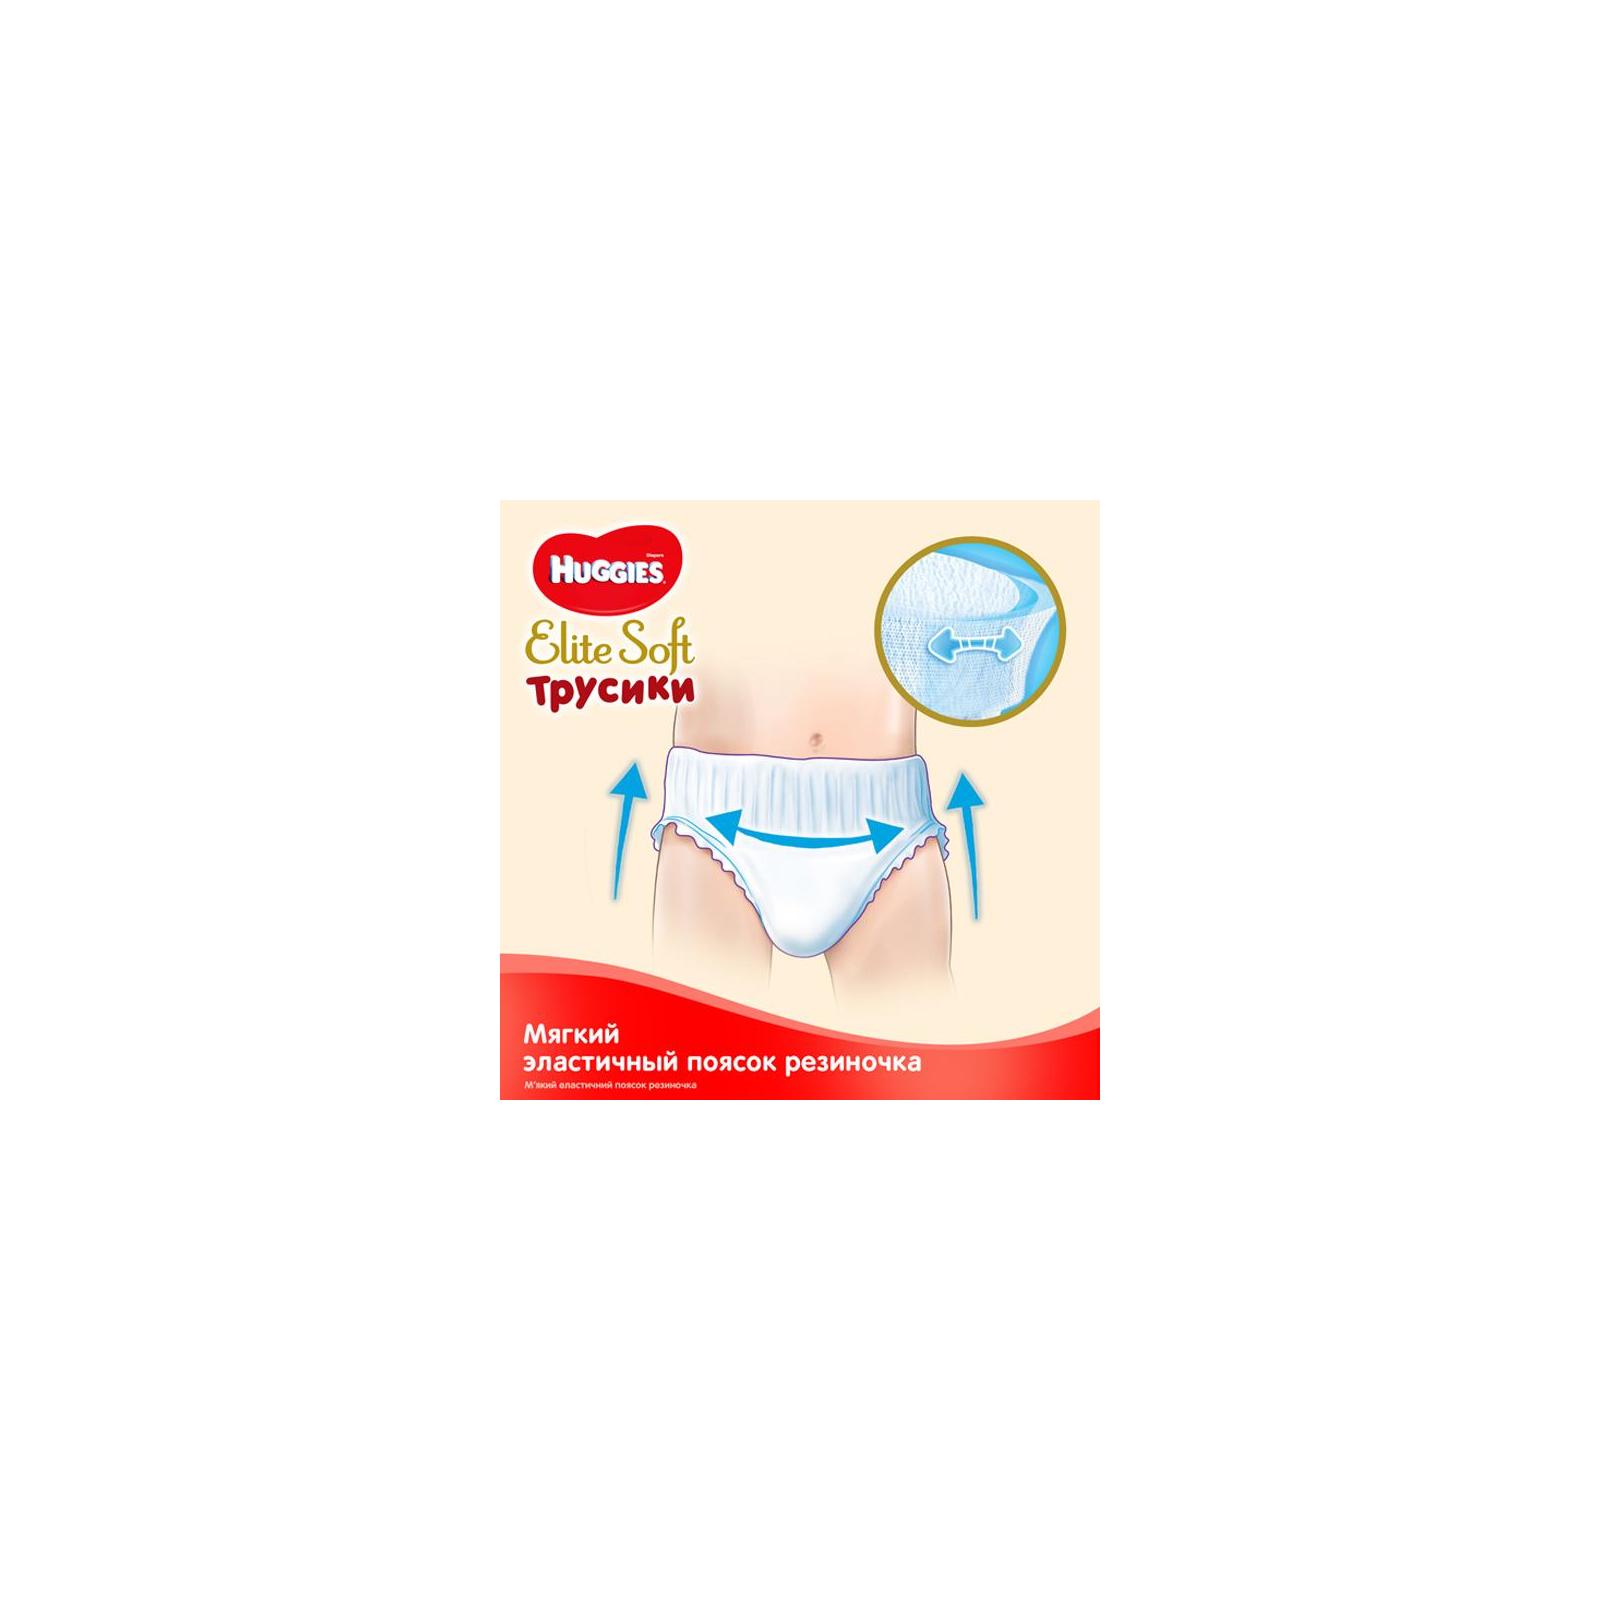 Подгузник Huggies Elite Soft Pants L размер 4 (9-14 кг) Mega 42 шт (5029053547008) изображение 4